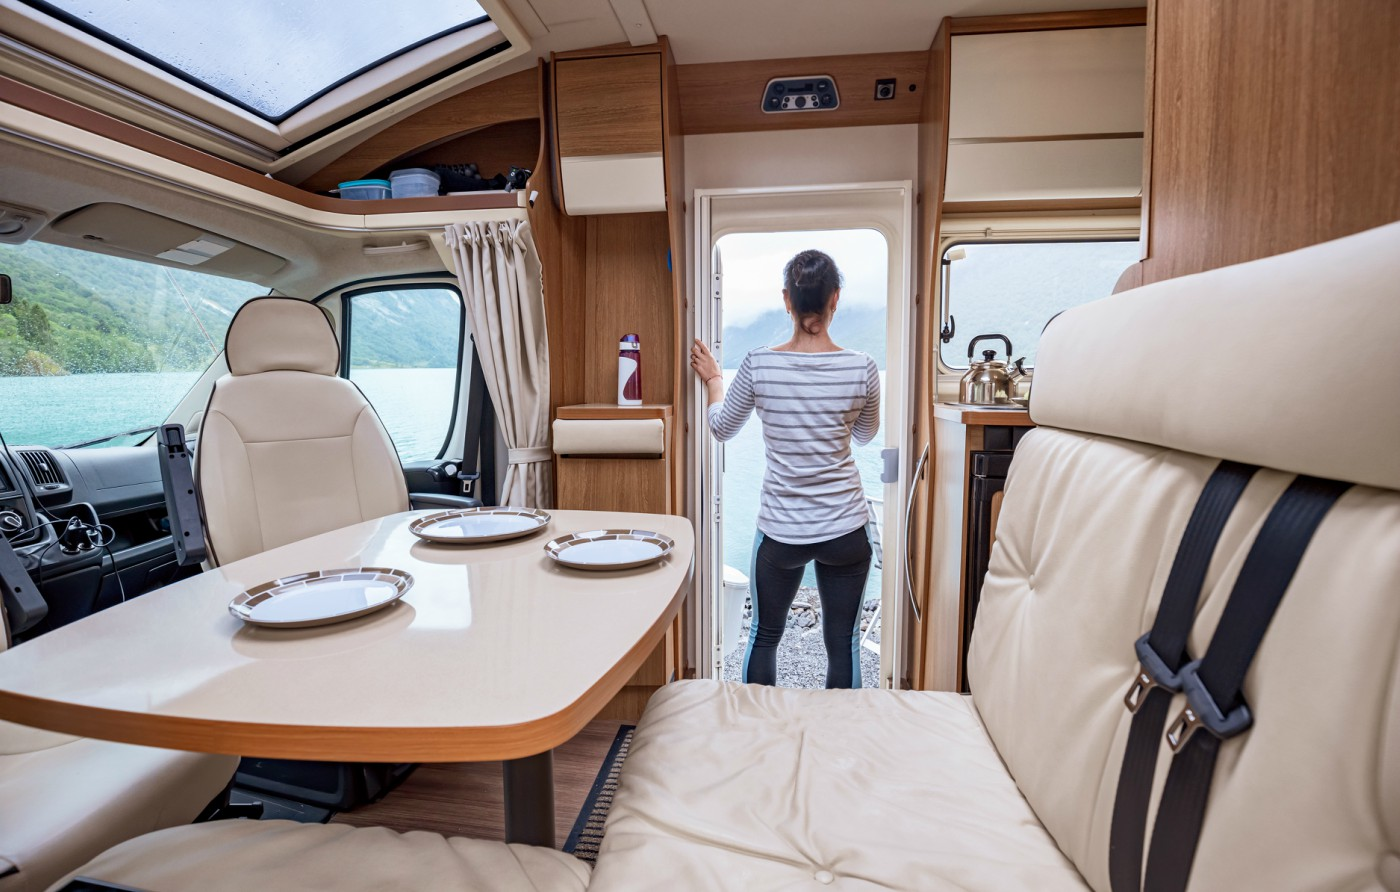 Gli interni camper semintegrali sono un aspetto fondamentale da valutare prima di acquistare un veicolo. Ci sono diverse disposizioni interne tra cui puoi scegliere